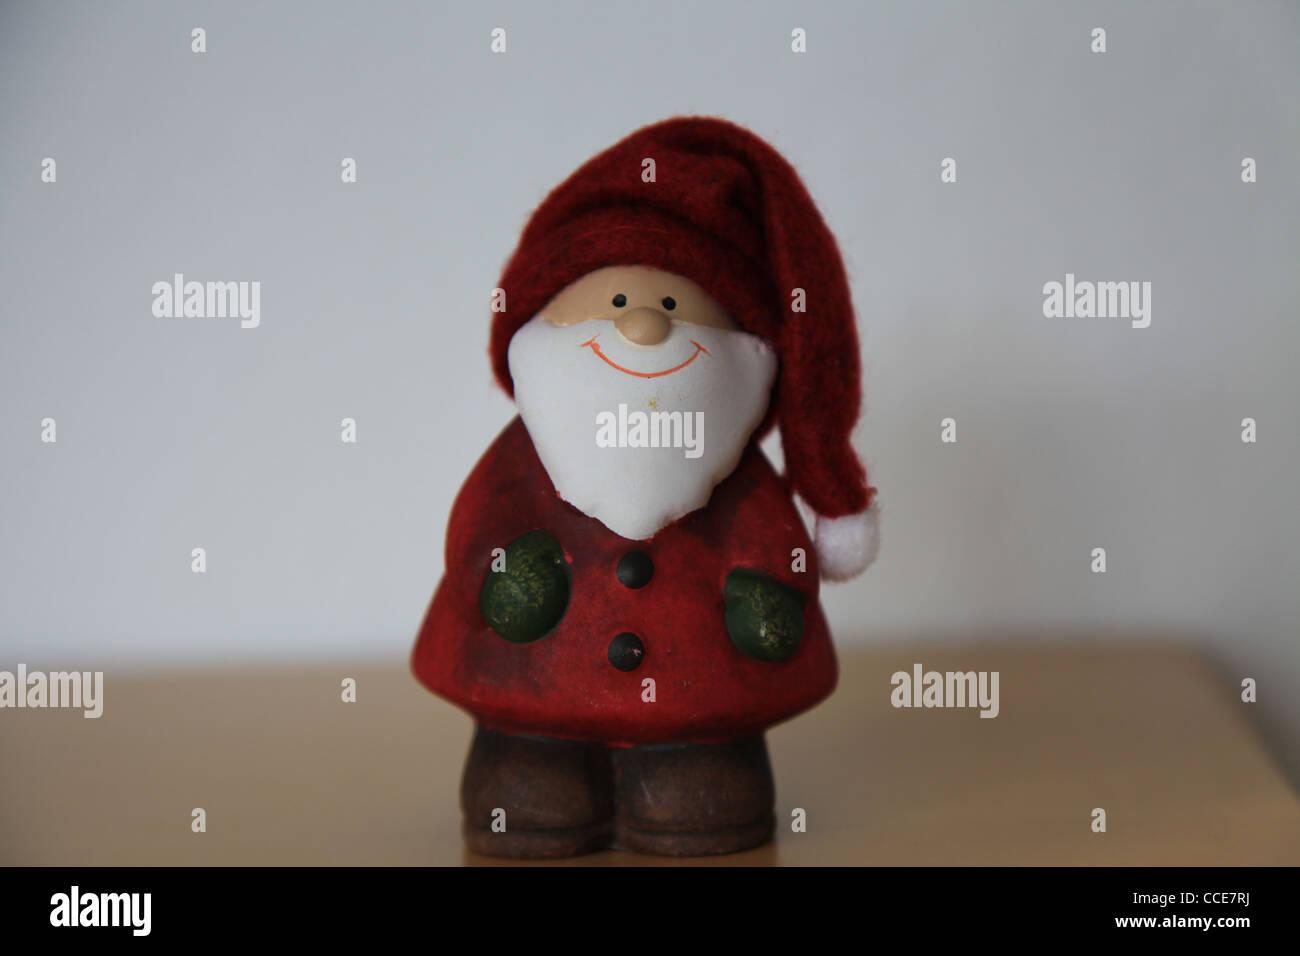 Weihnachten,Weihnachtsmann,weisser Bart,rote Mütze,Zwerg,Gnom, Wichtel, lächelnd, Figur, figürlich, freundlich, nett,Nikolaus Stock Photo